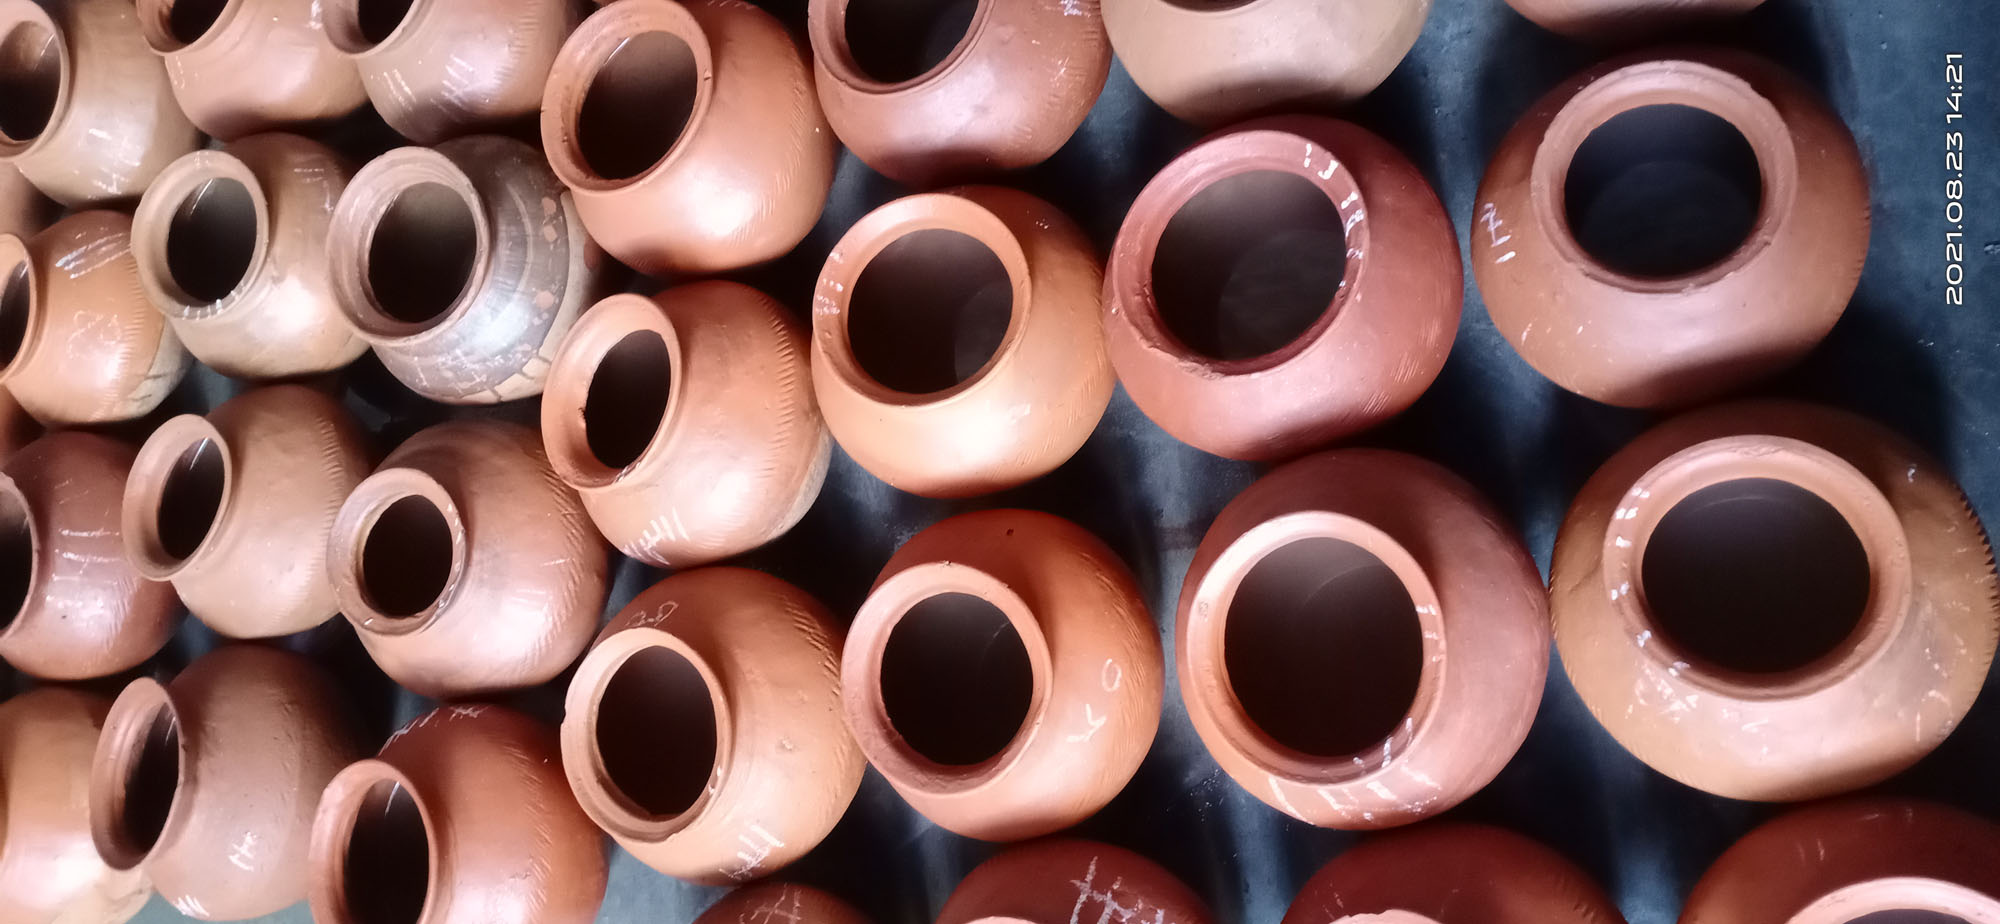 কুয়াকাটায় চিংড়ি রেণু আটক নিয়ে নাটকীয়তার অভিযোগ